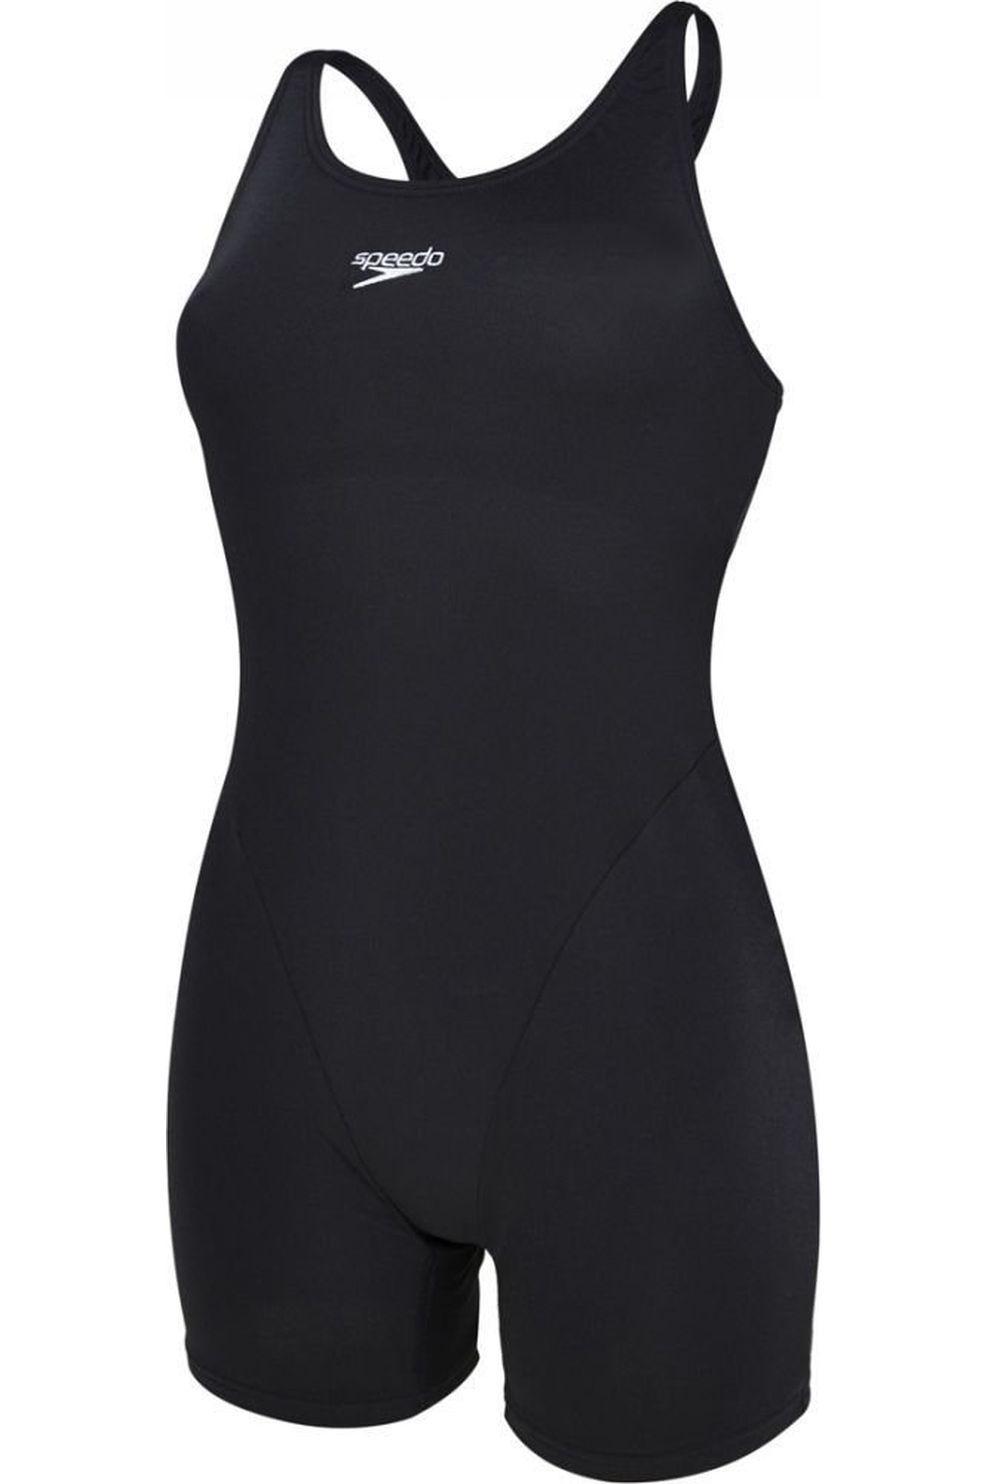 Speedo Badpak Endurance Ess Legsuit voor dames - Zwart - Maten: 36, 38, 40, 42, 44